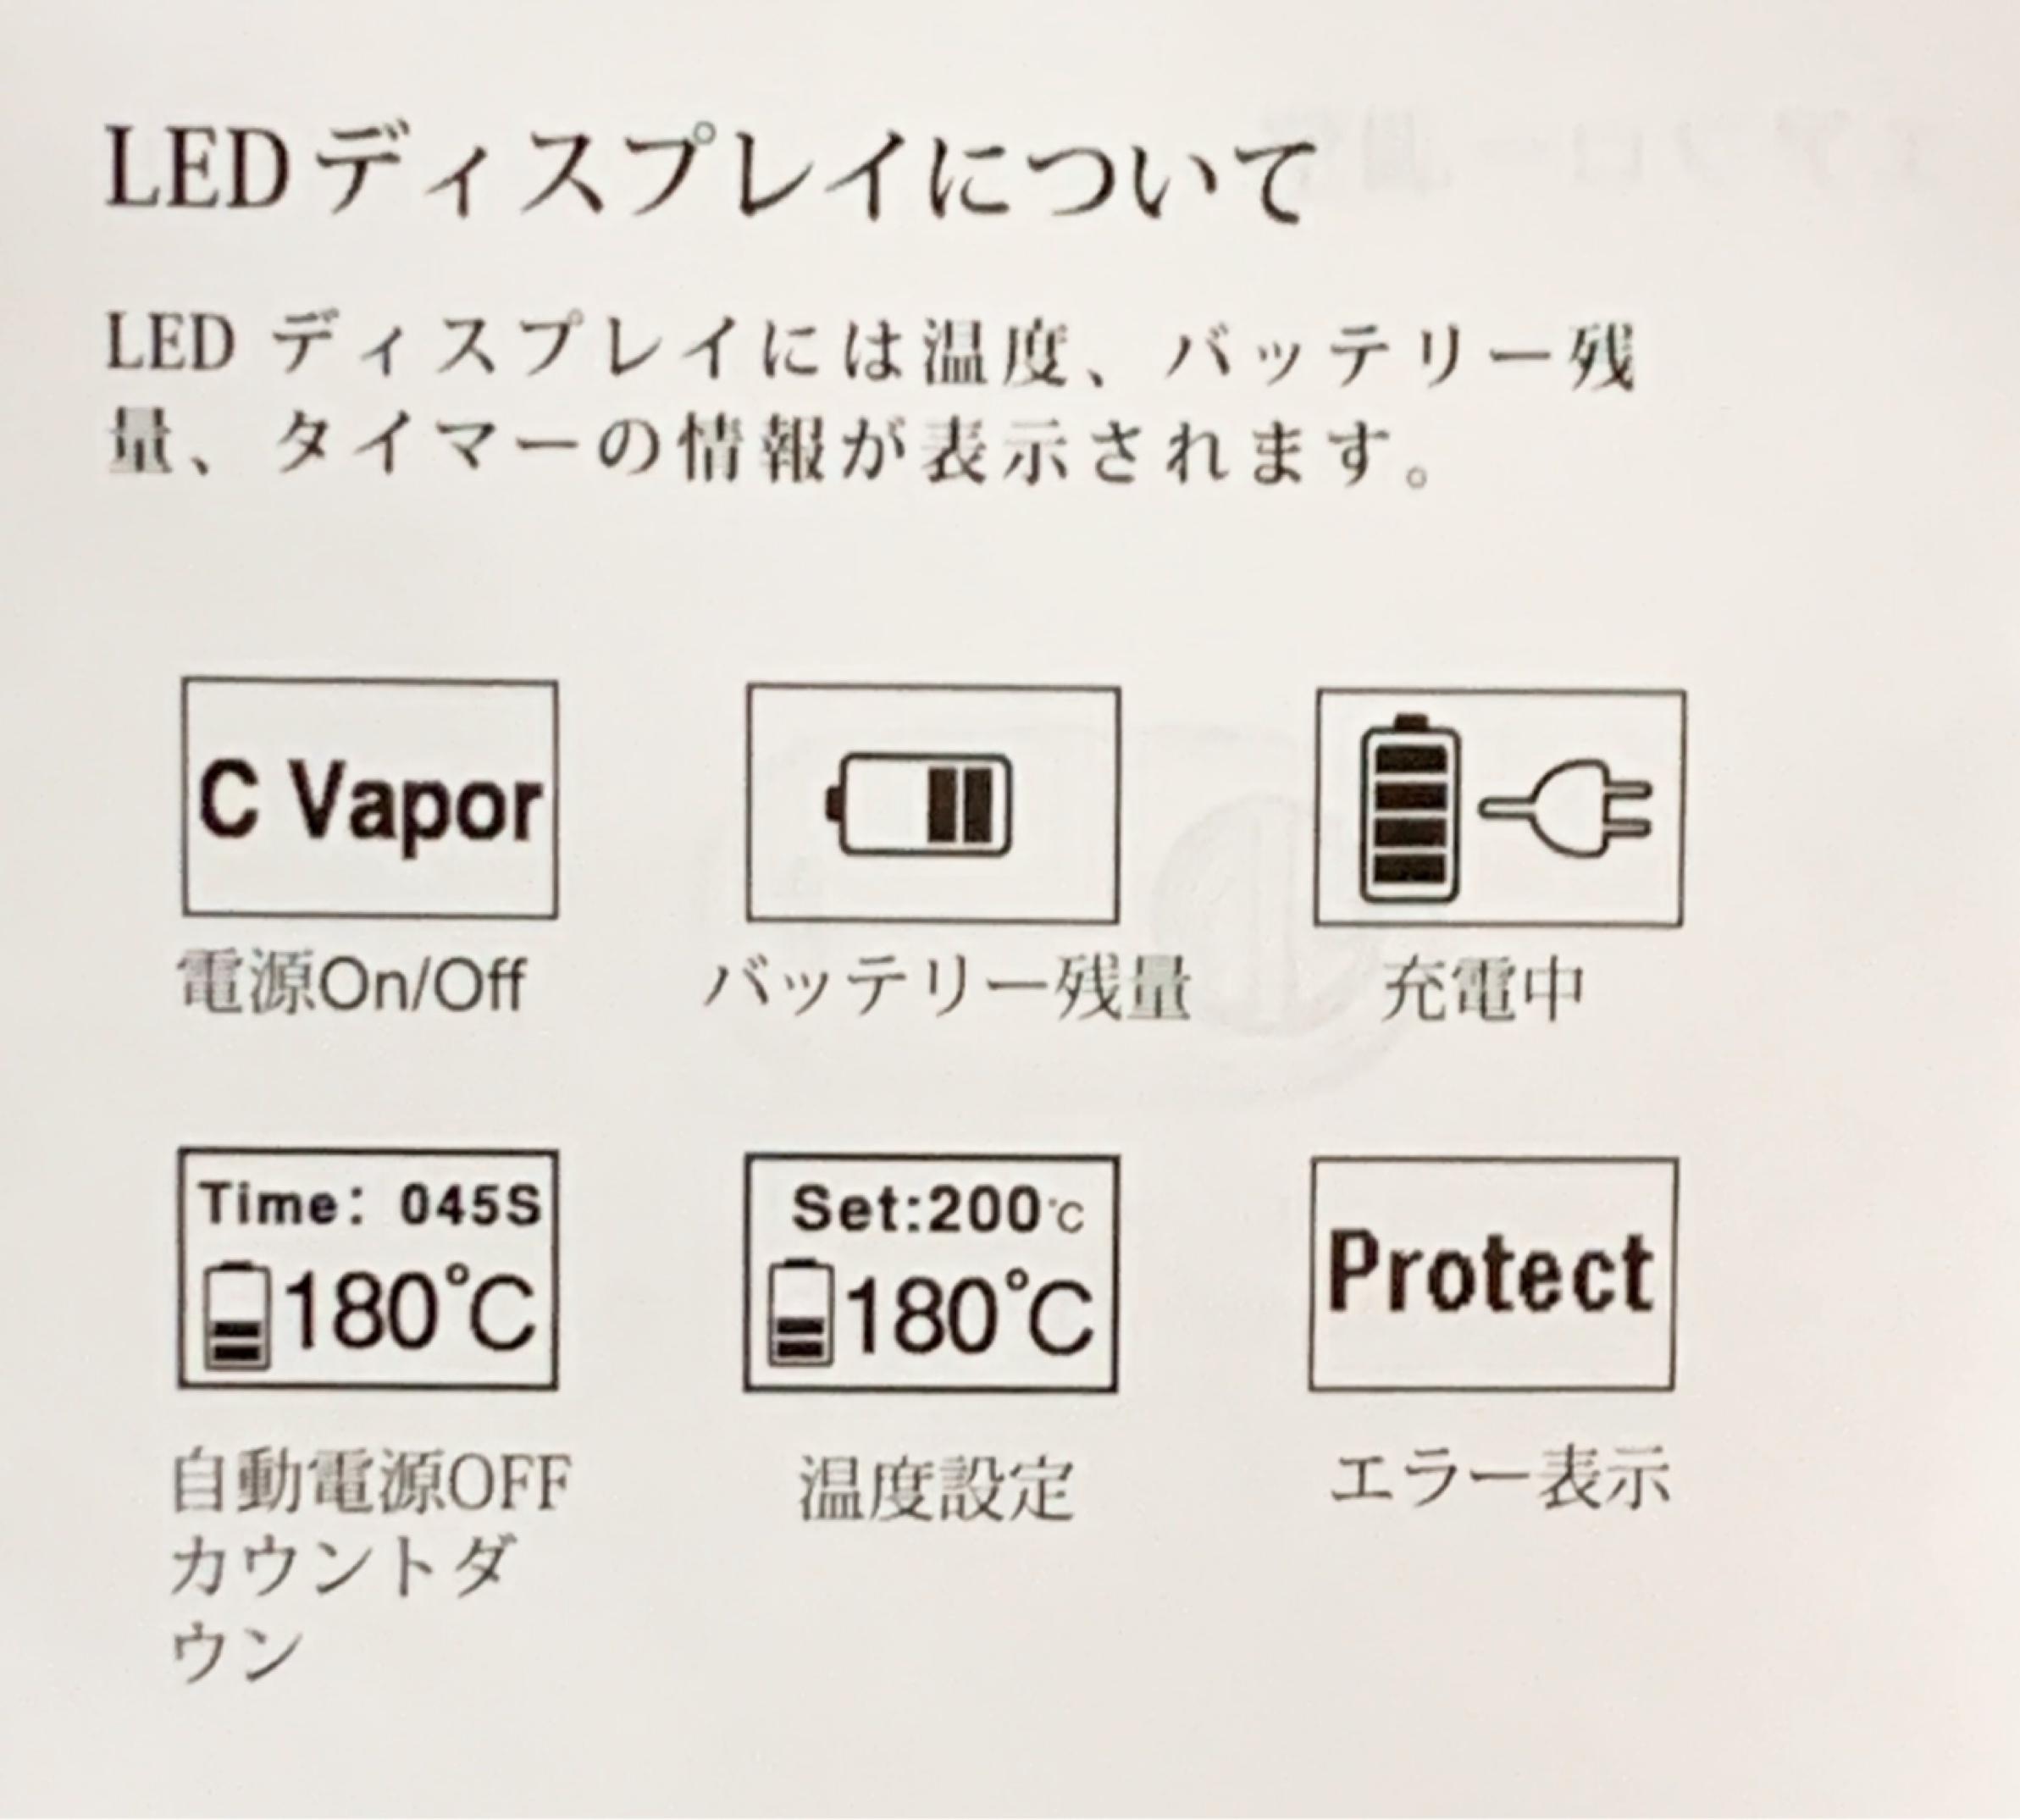 9885B6F0 D9B7 4DAD AF9C 424519B80735 - 【レビュー】WEECKE C VAPOR 4.0(ウィーキー・シーベイパー)の最新モデルシーベイパー4.0をレビューしてみたよ。